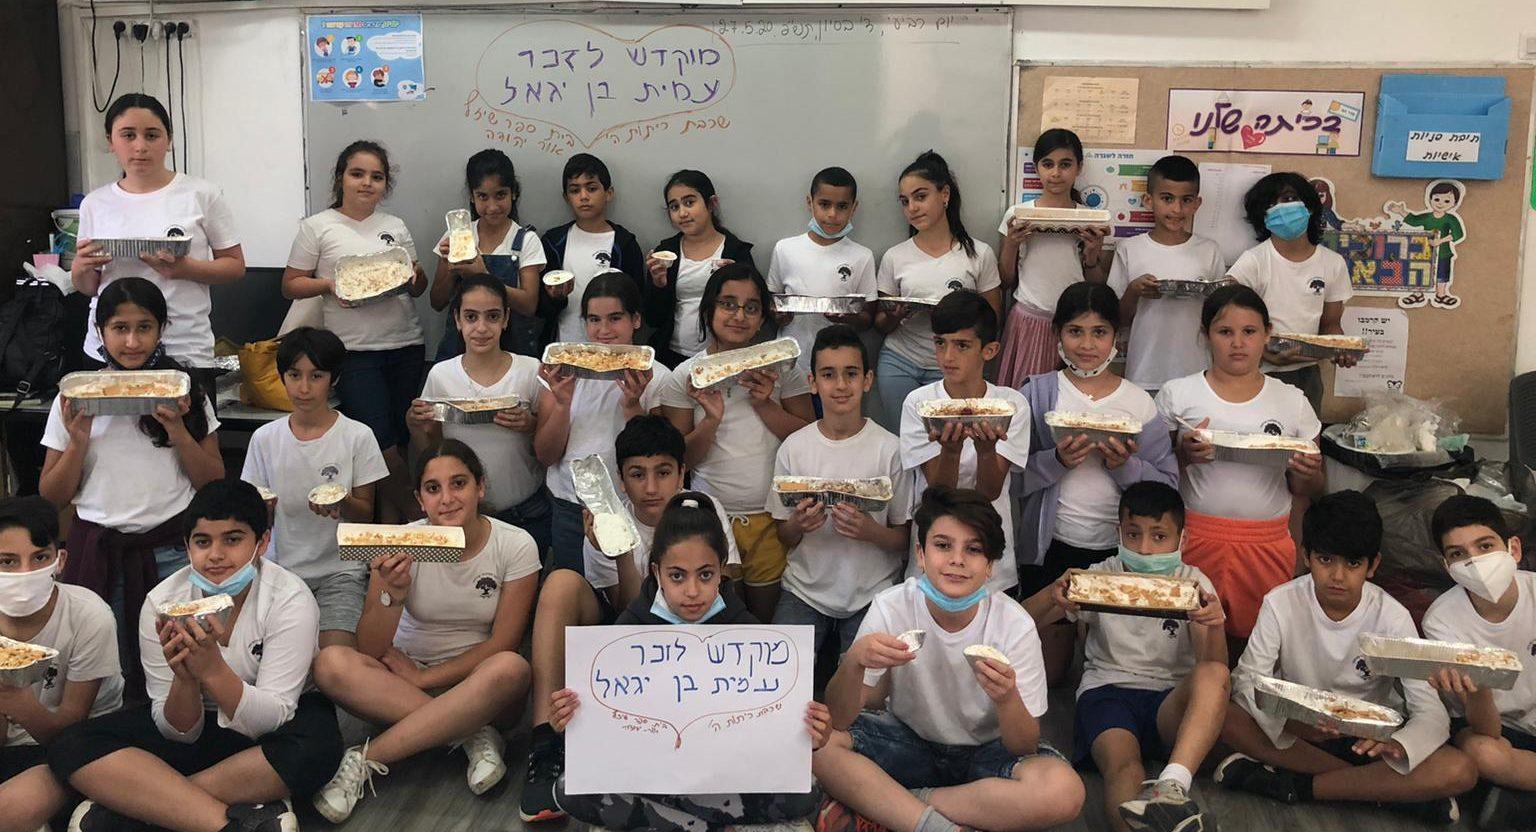 עוגות גבינה לעמית בן יגאל